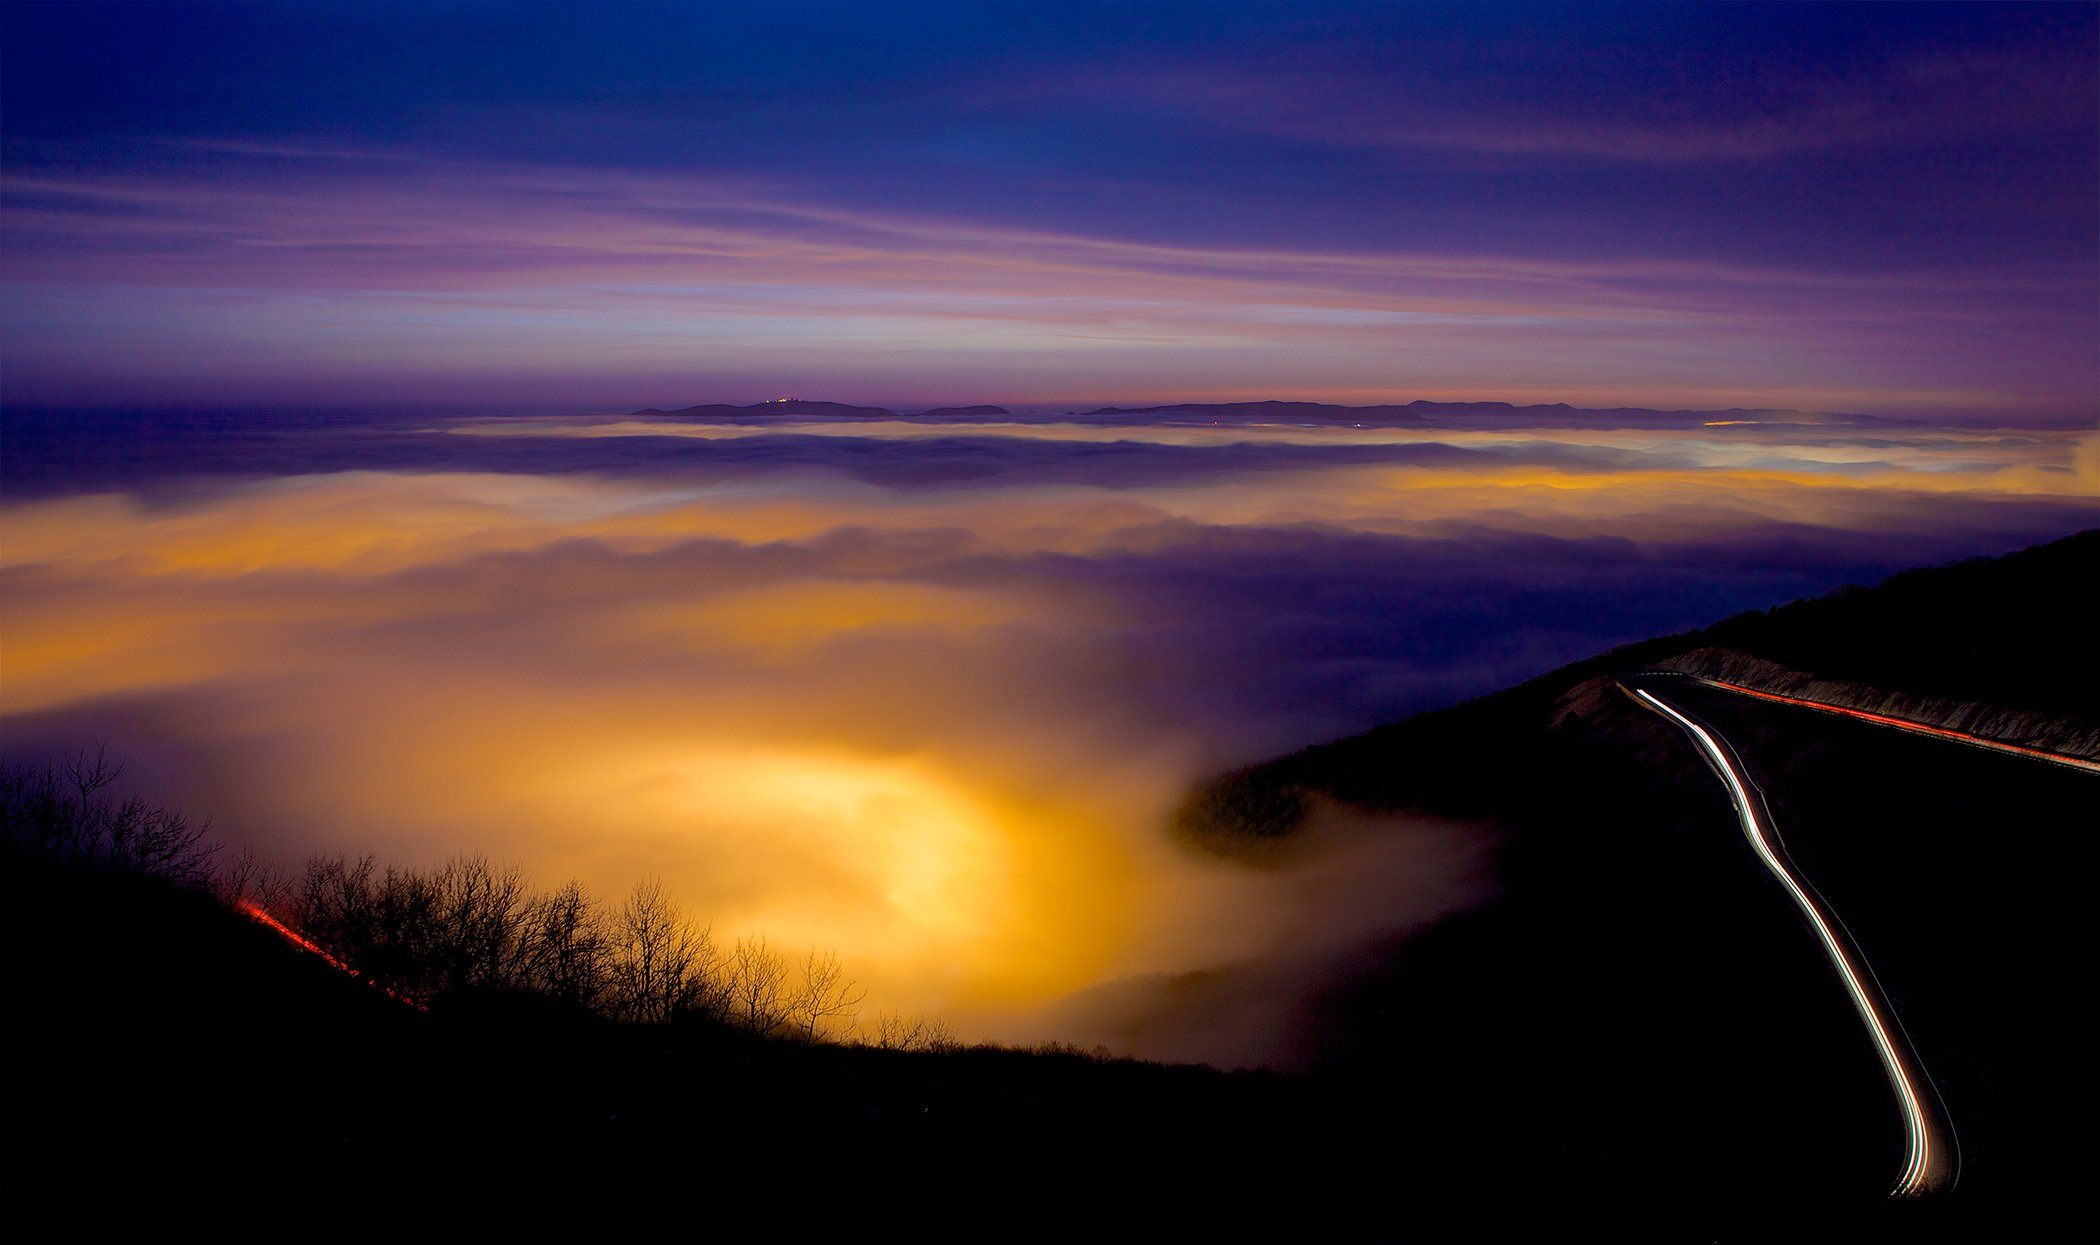 закат,ночь,новороссийск,туман,дорога,горы,перевал, Никифоров Егор